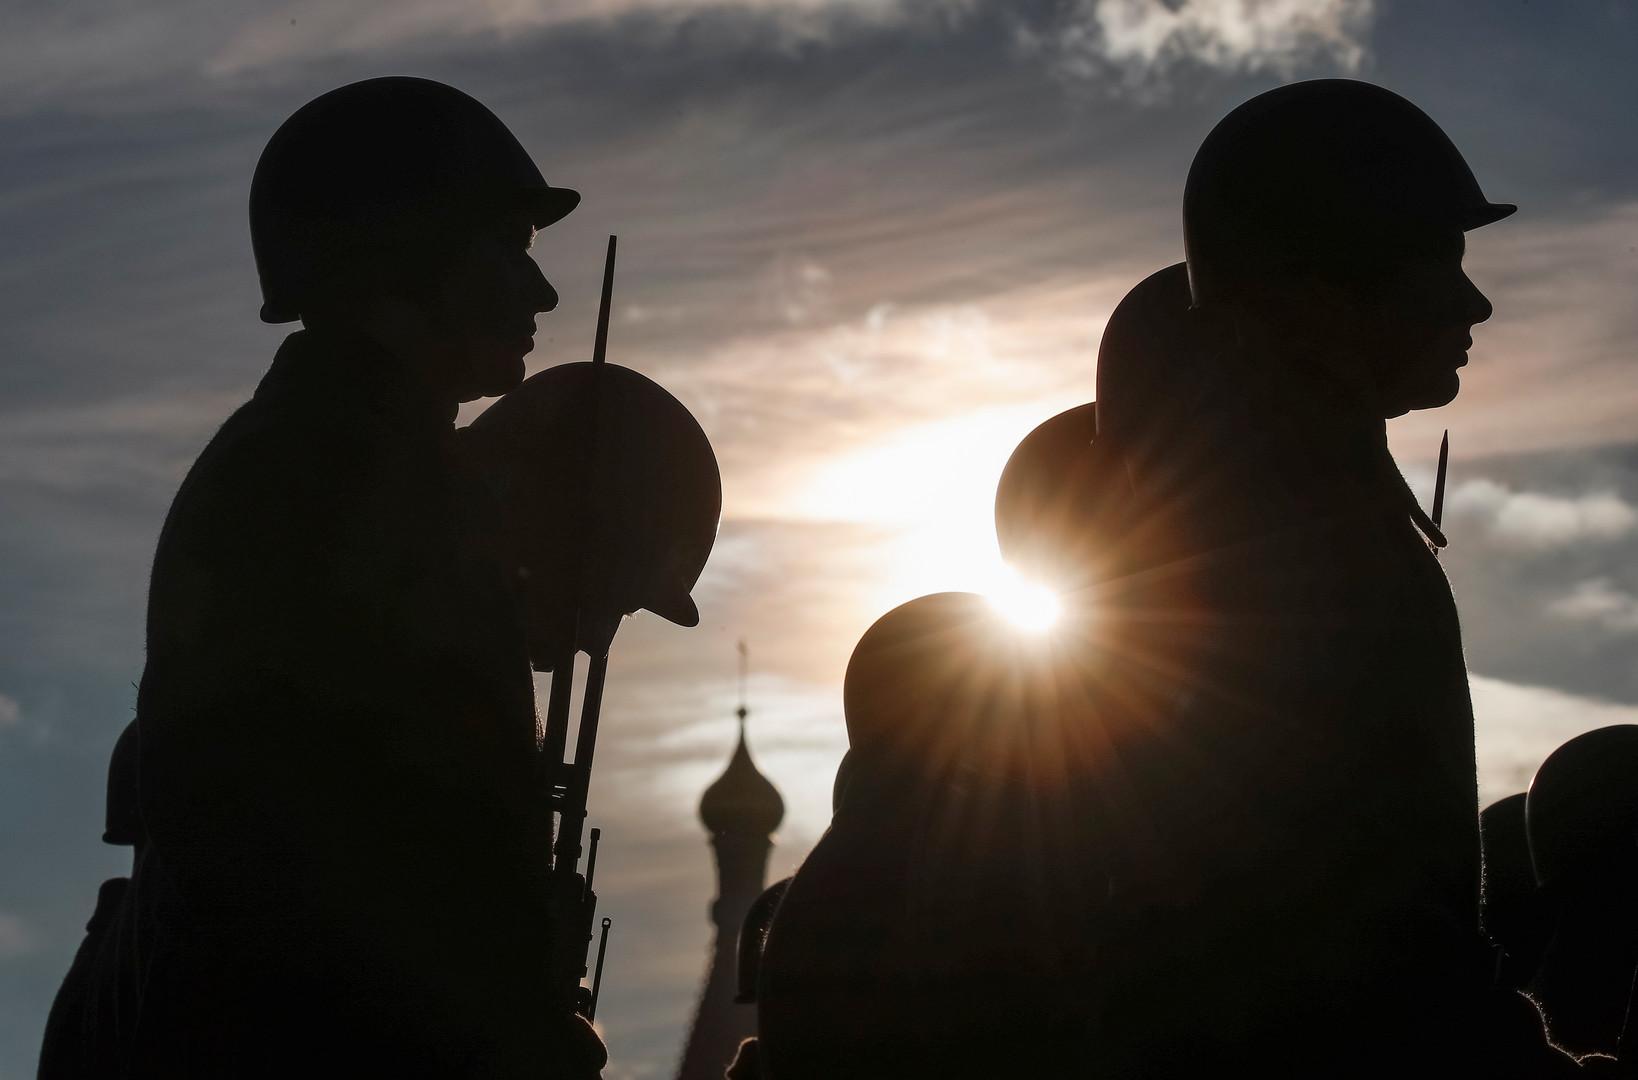 جنرال ألماني متقاعد يزعم أن روسيا تستعد لحرب إقليمية مع أوروبا